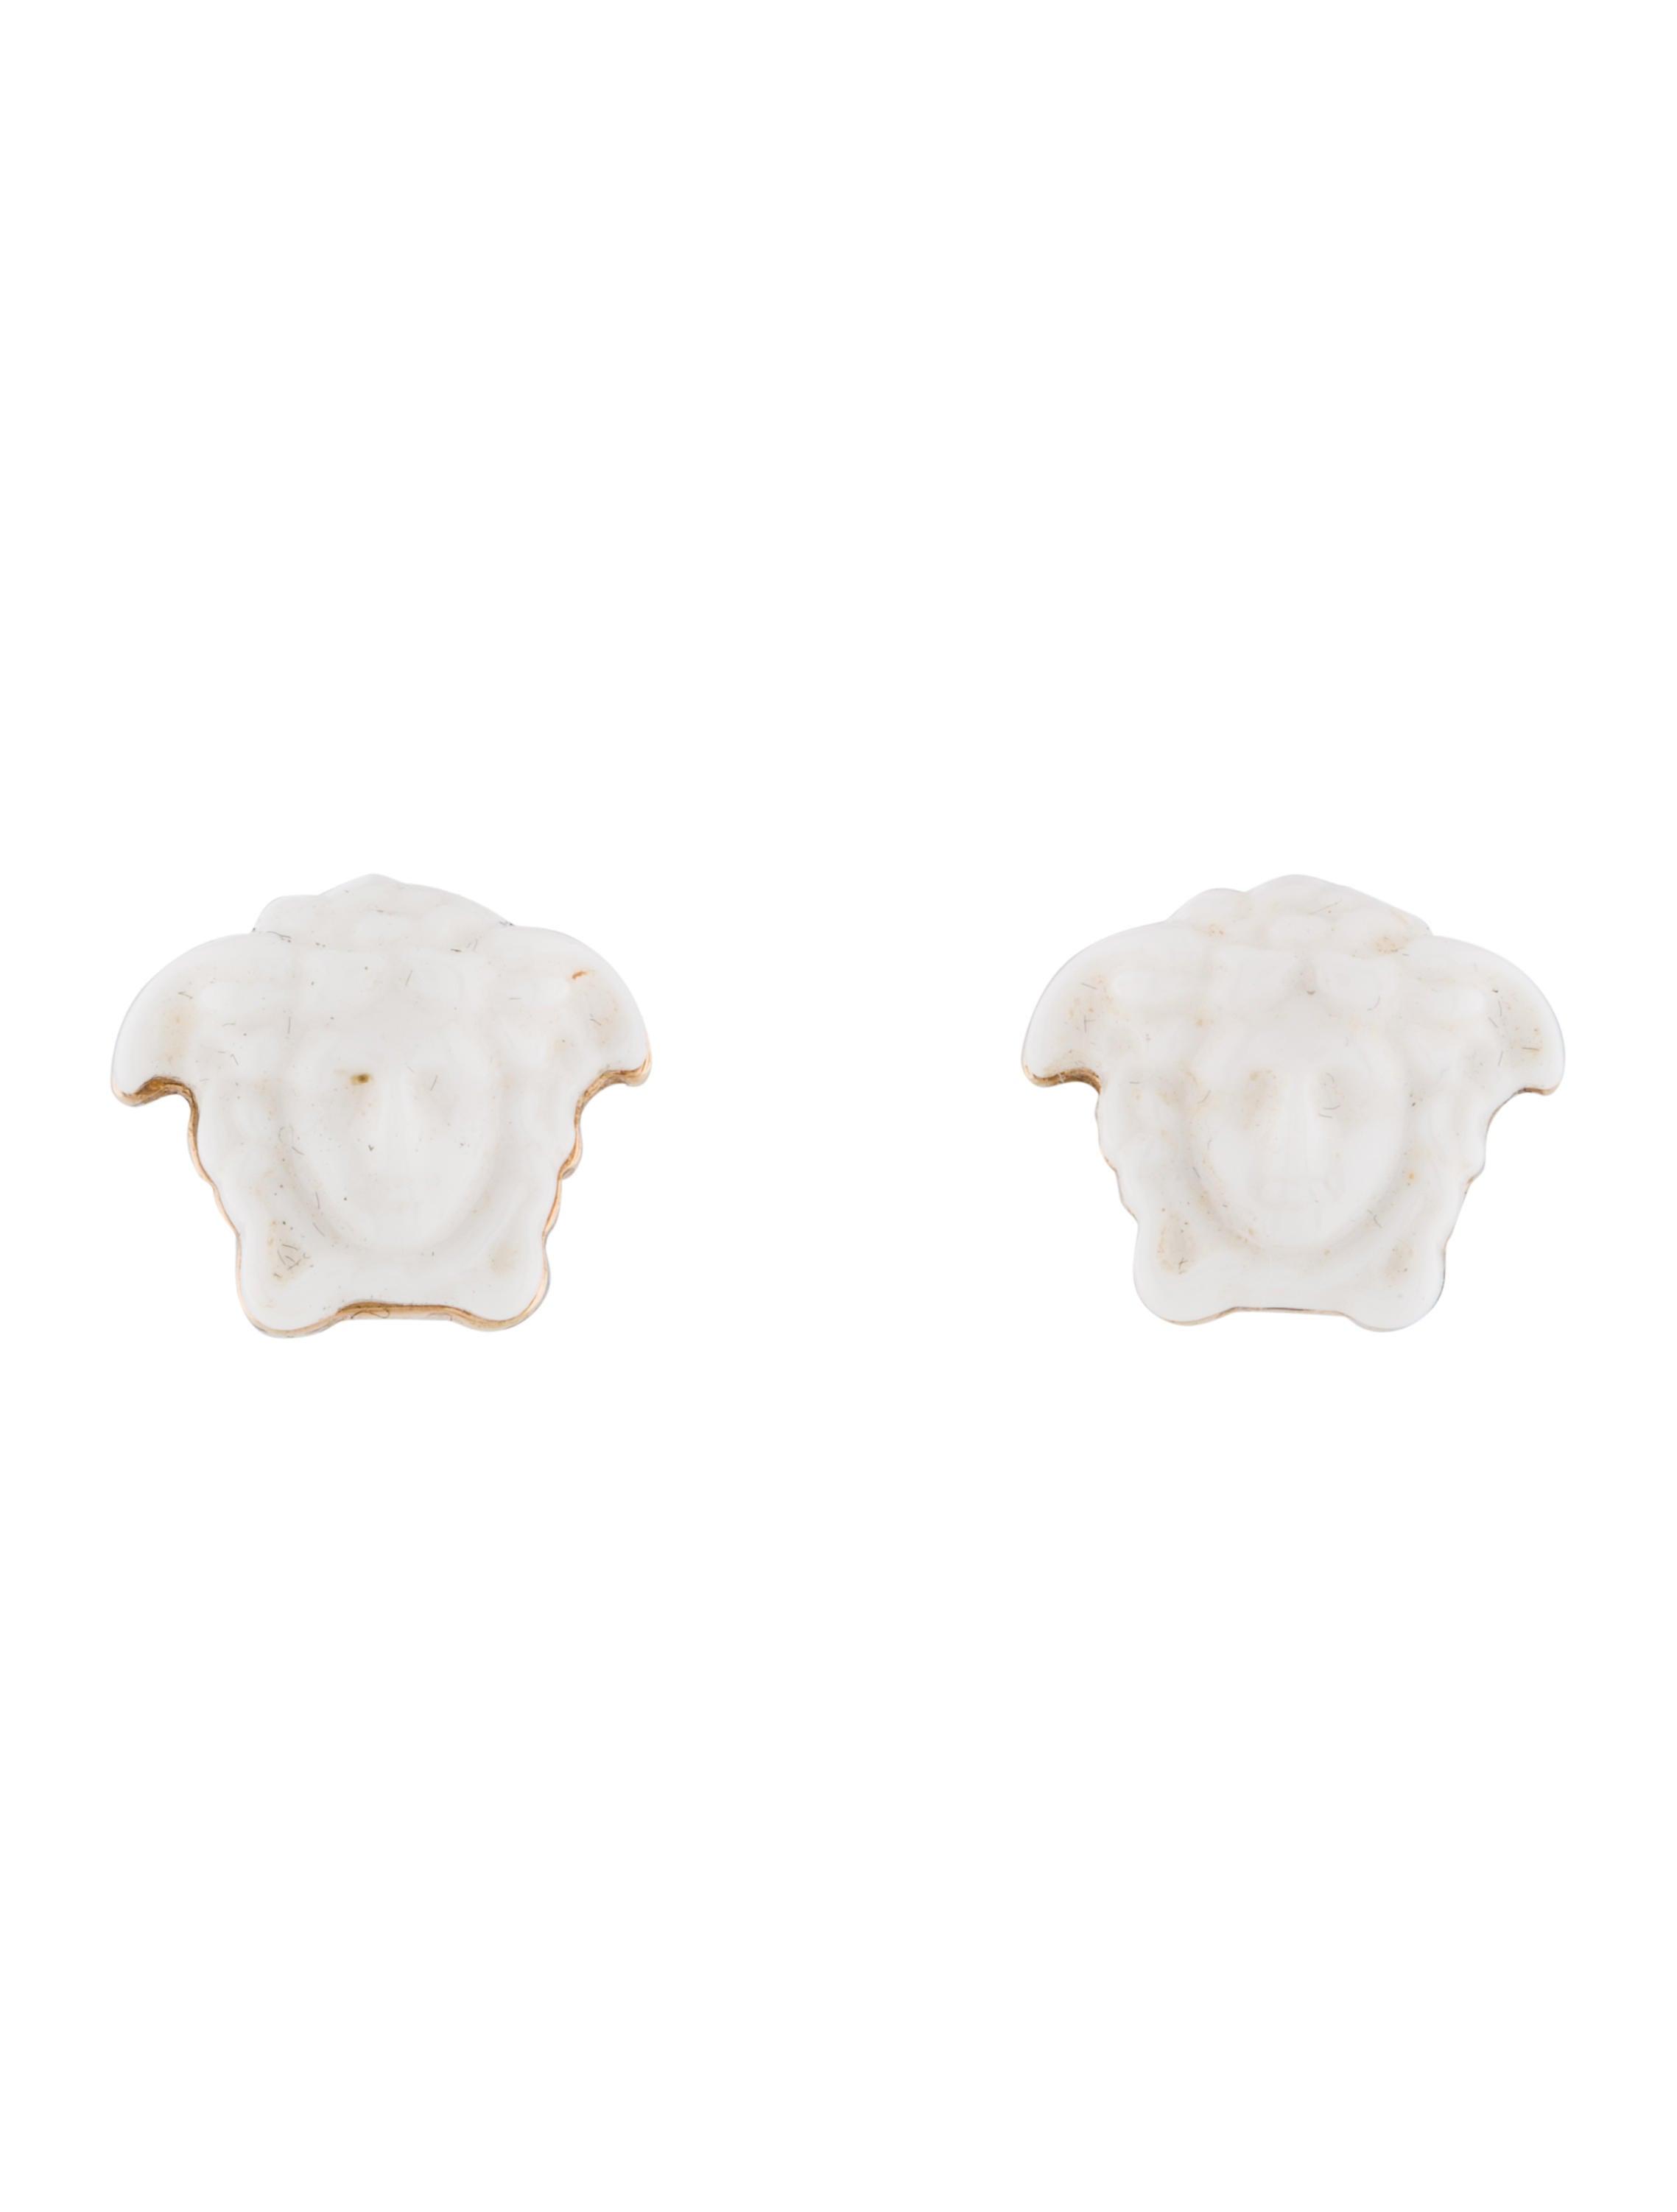 833103e48 Versace Resin Medusa Stud Earrings - Earrings - VES36809 | The RealReal